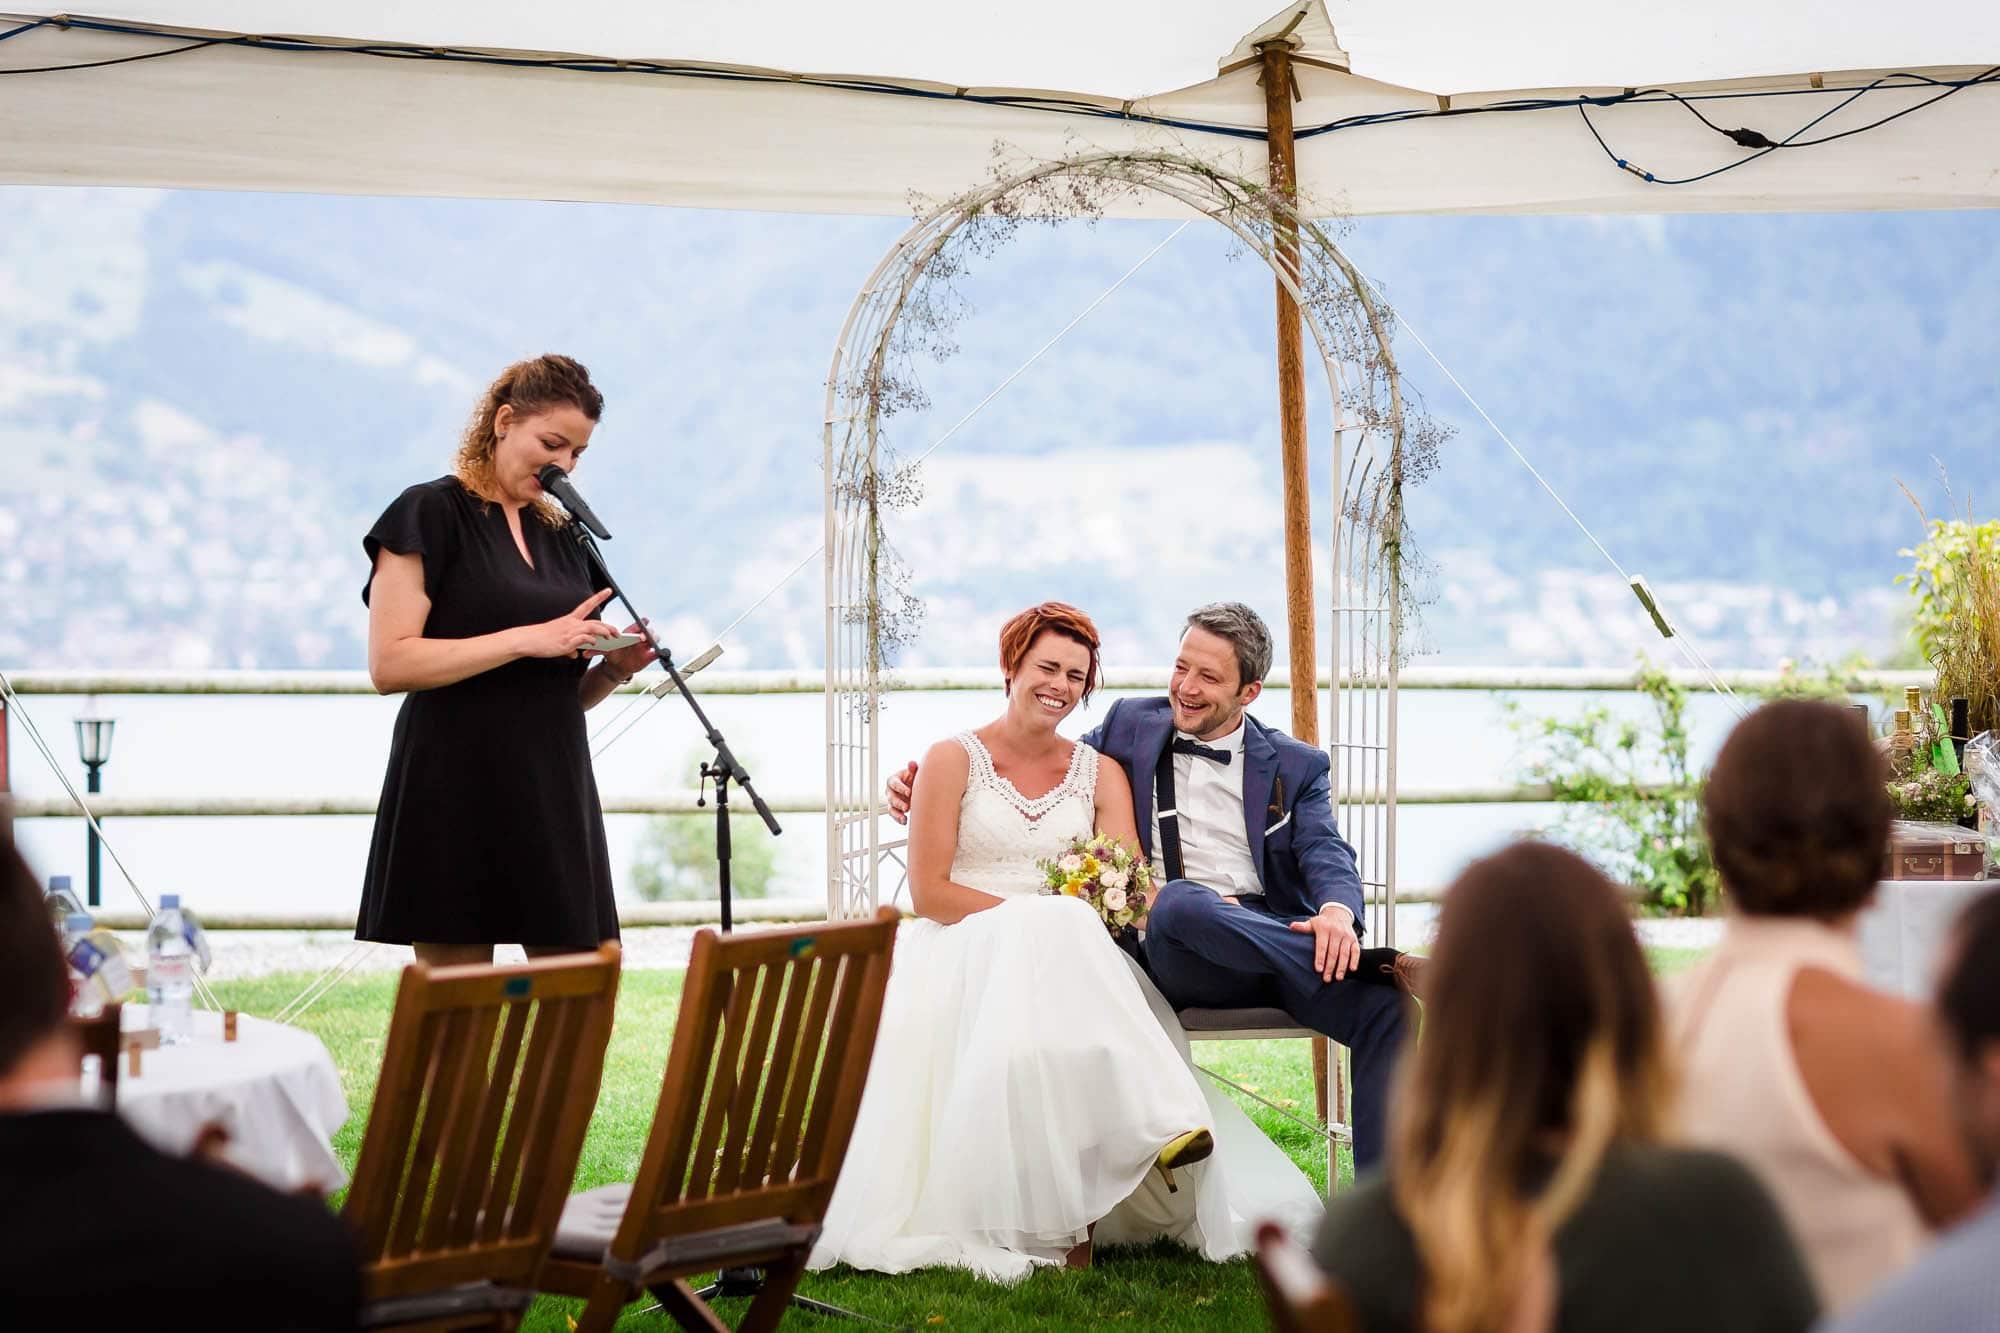 freie Hochzeitszeremonie in einem Zelt